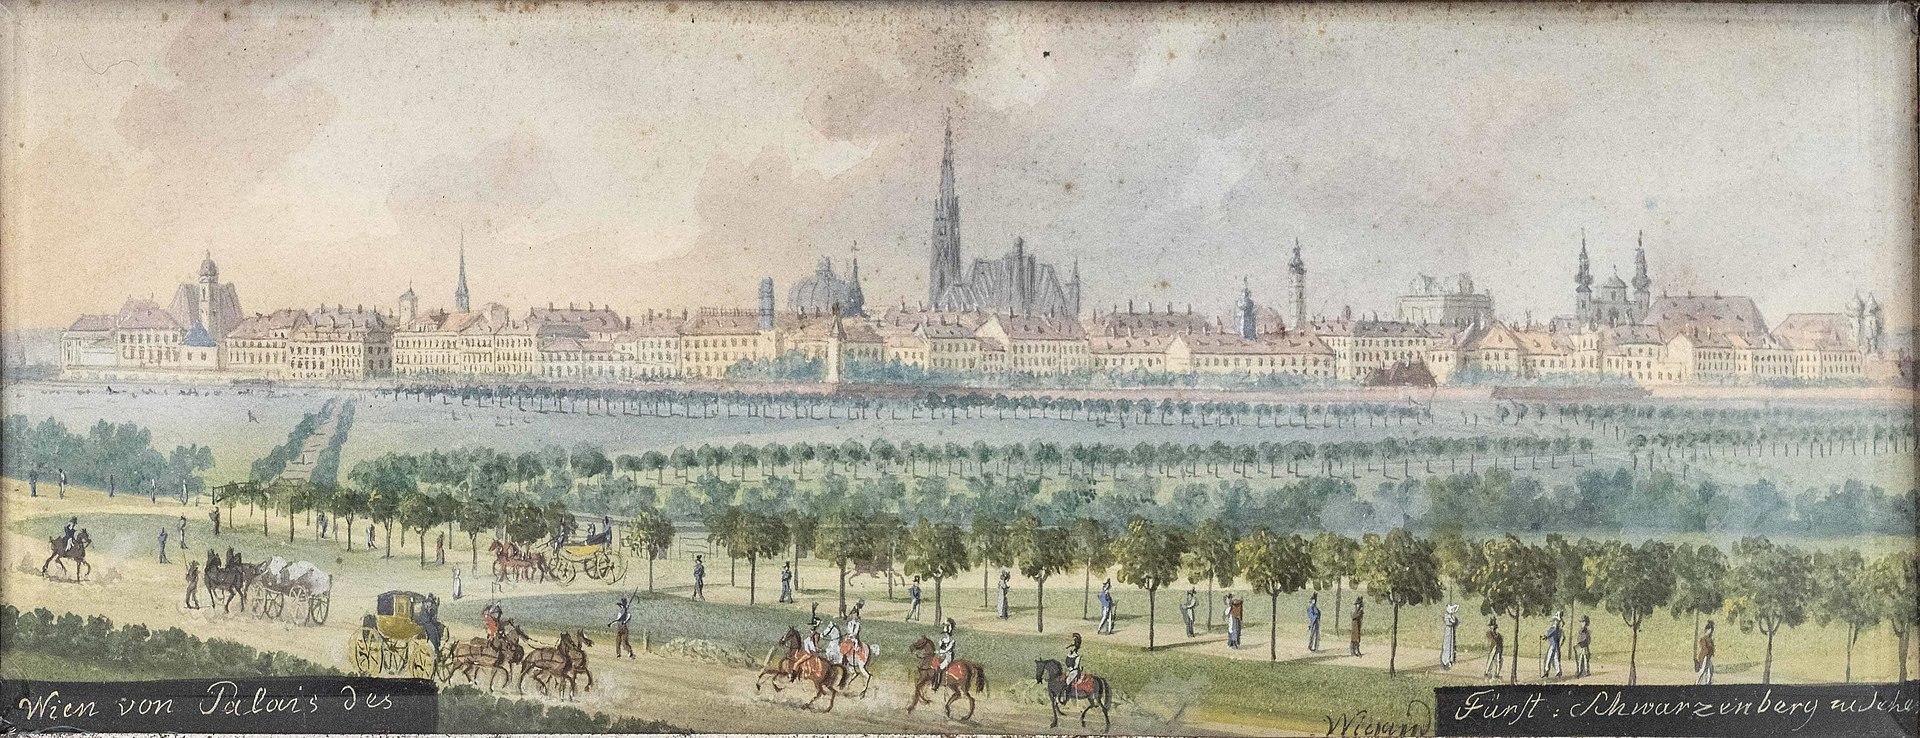 Balthasar Wigand Wien vom Palais Schwarzenberg aus gesehen.jpg